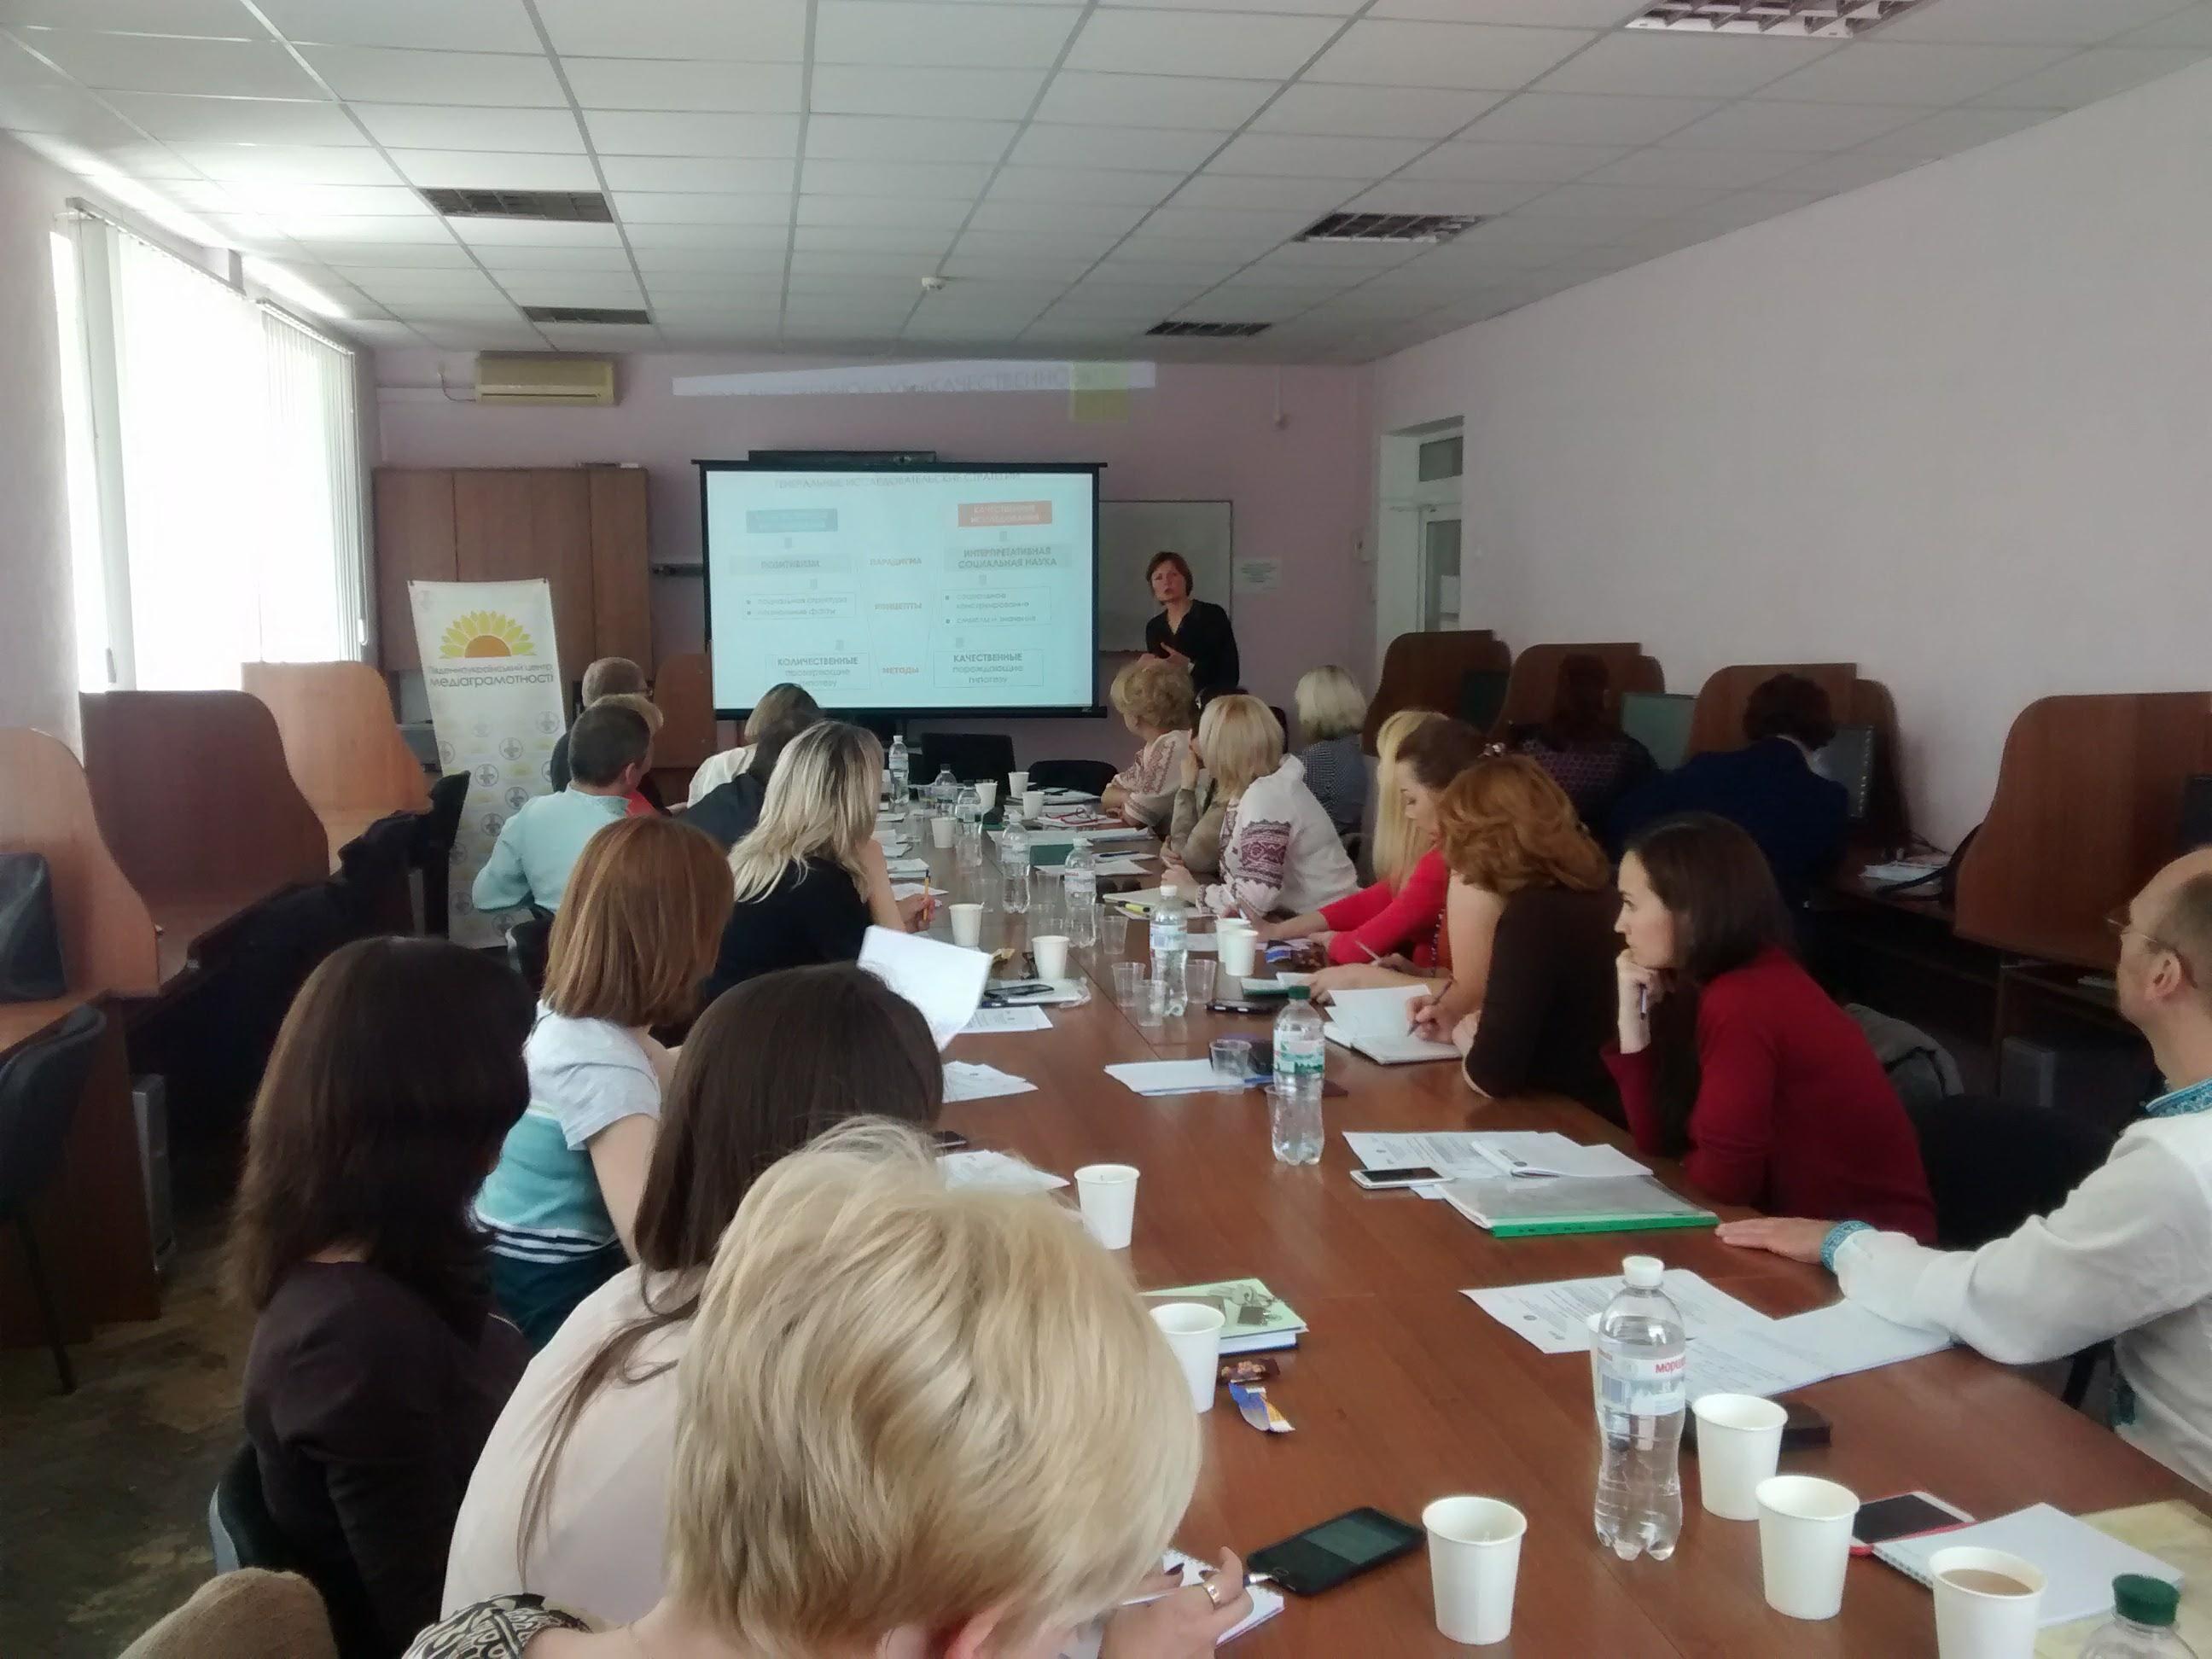 Марта Наумова: практика і теорія повинні переплітатися